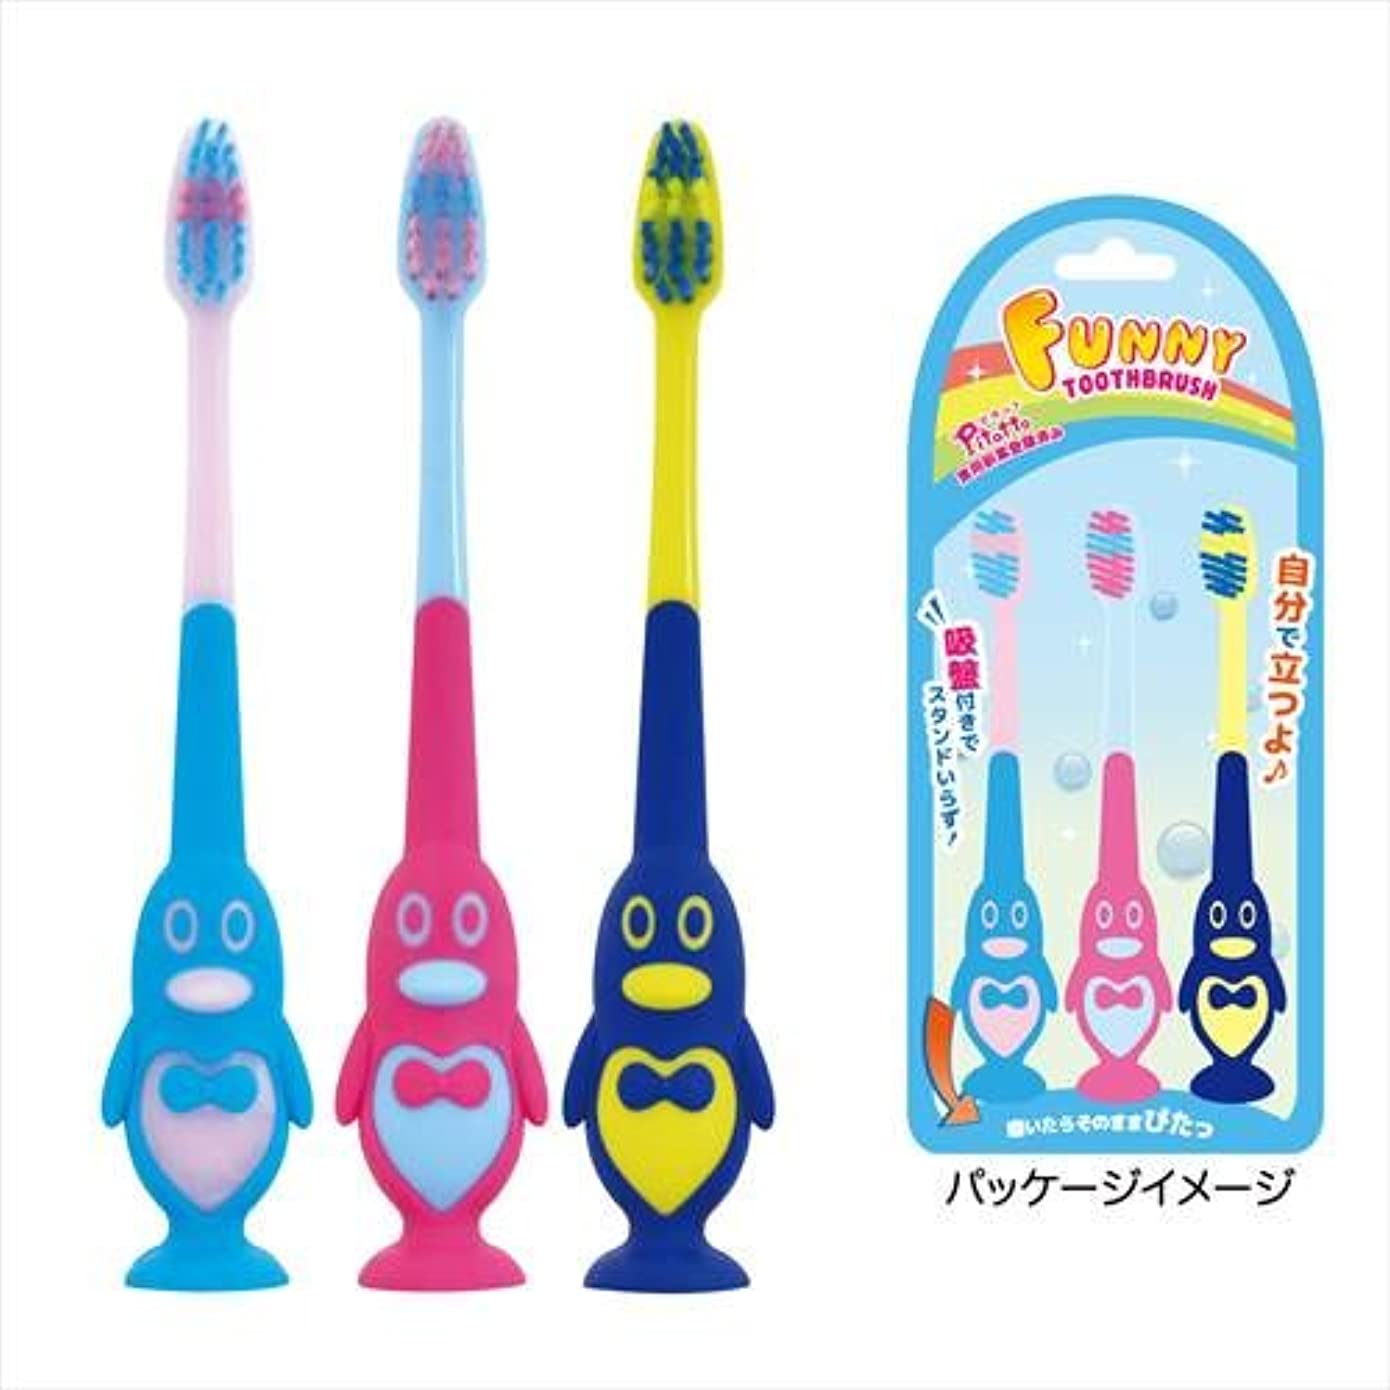 [歯ブラシ] 吸盤付き歯ブラシ 3本セット/ペンギン ユーカンパニー かわいい 洗面用具 グッズ 通販